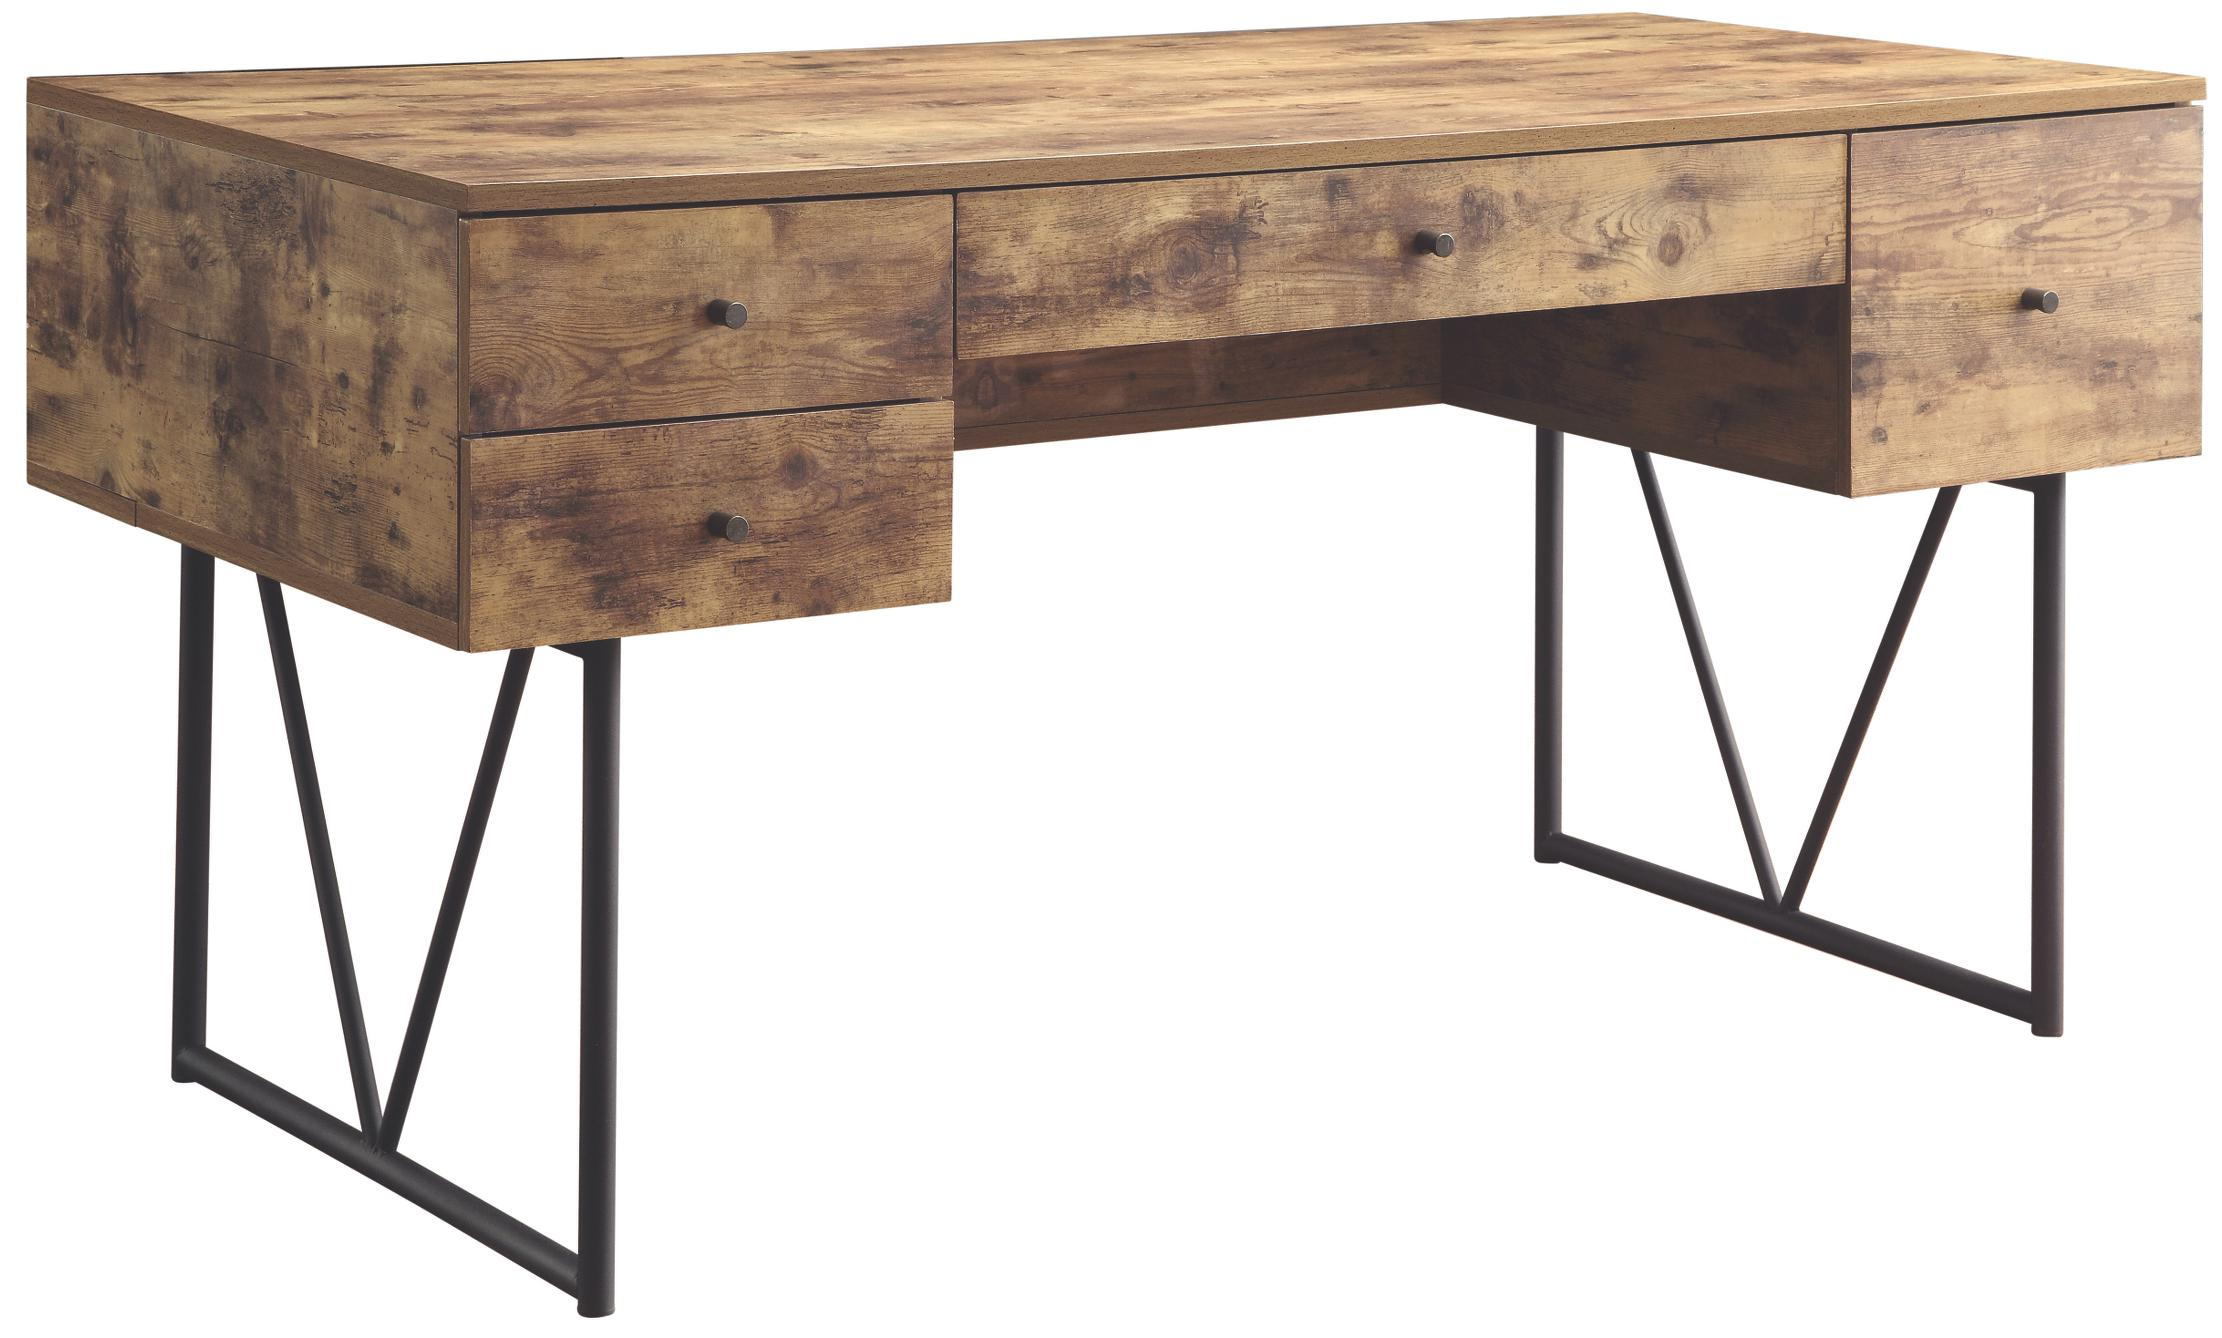 Coaster Desks Desk - Item Number: 800999